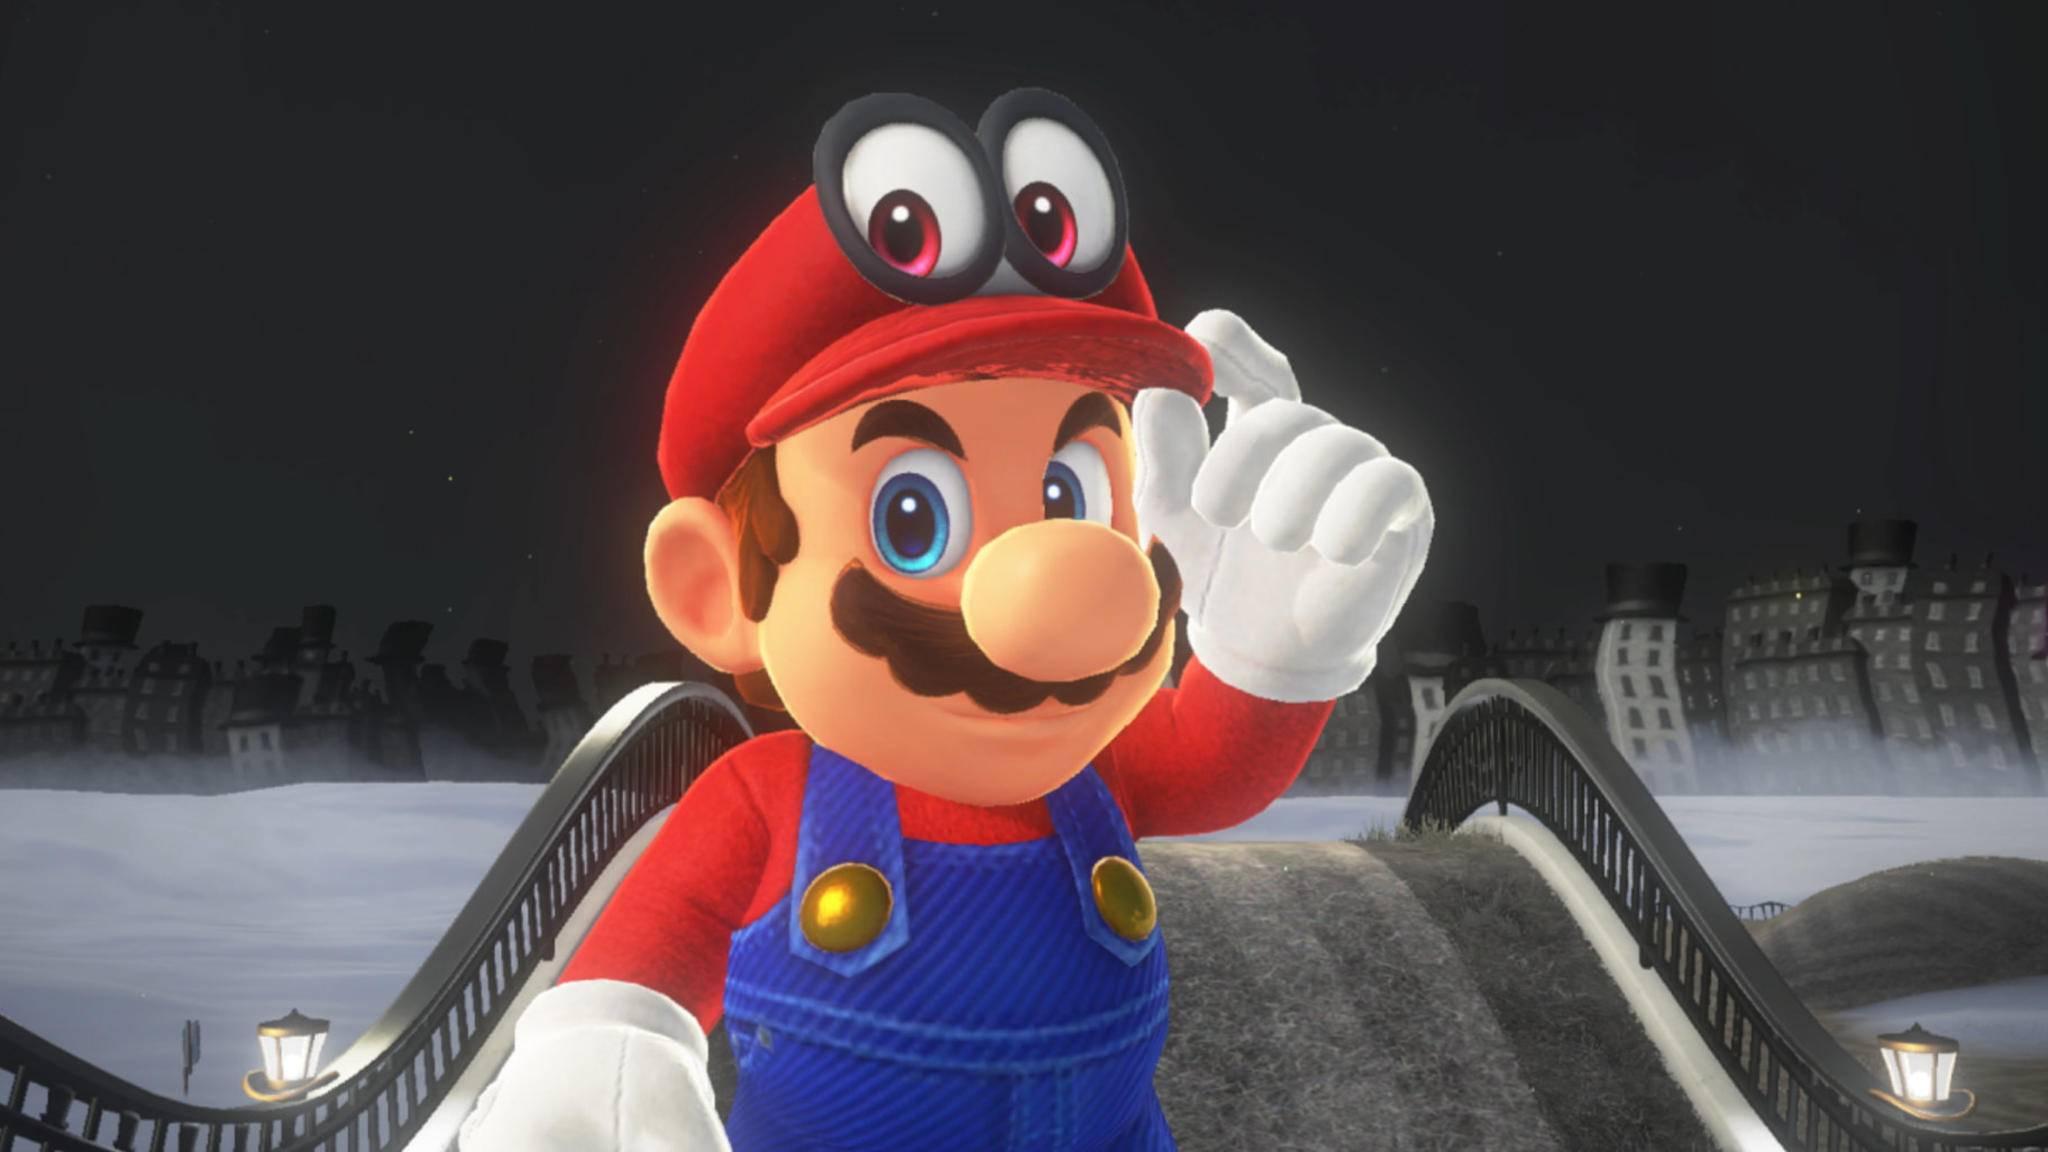 Demnächst will Super Mario die Kinoleinwände erobern.